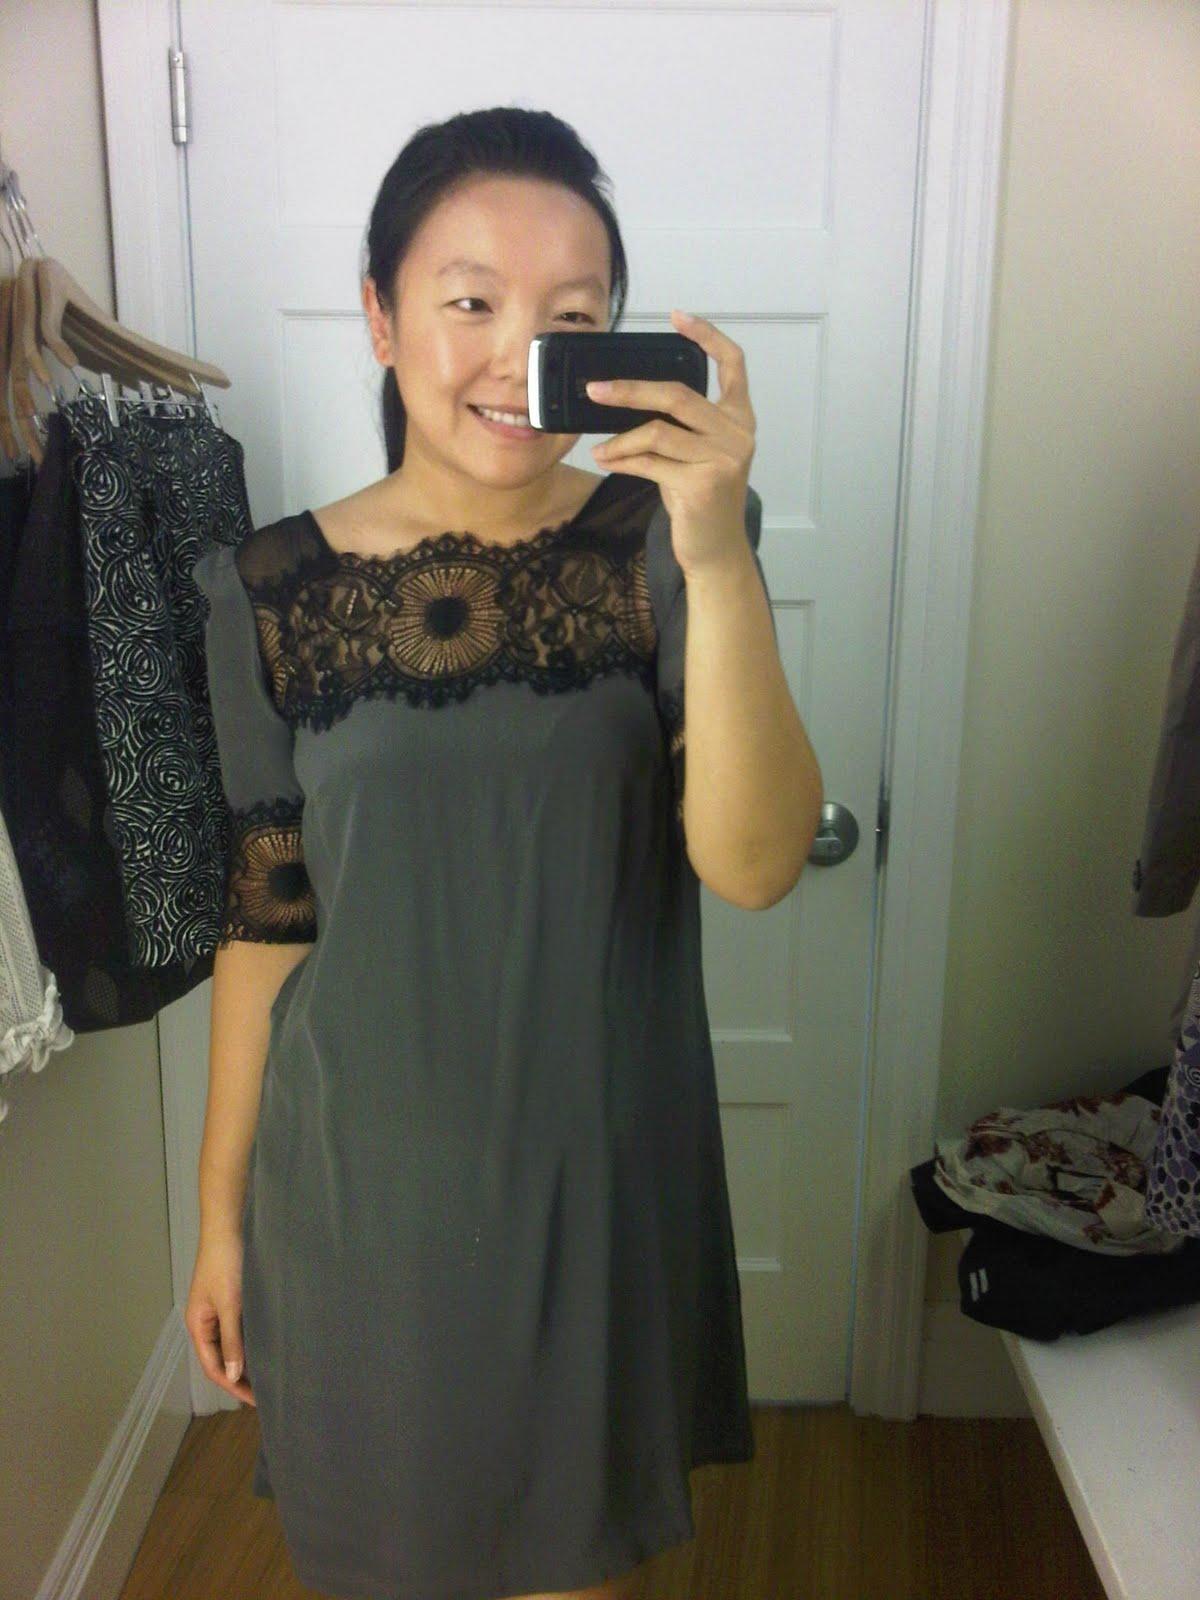 http://3.bp.blogspot.com/_lNXjQl6S2Zc/THP1EpbH2dI/AAAAAAAABN4/4Lk0ePsclyc/s1600/7.23.10_Discovered+Lace+Dress+1.JPG